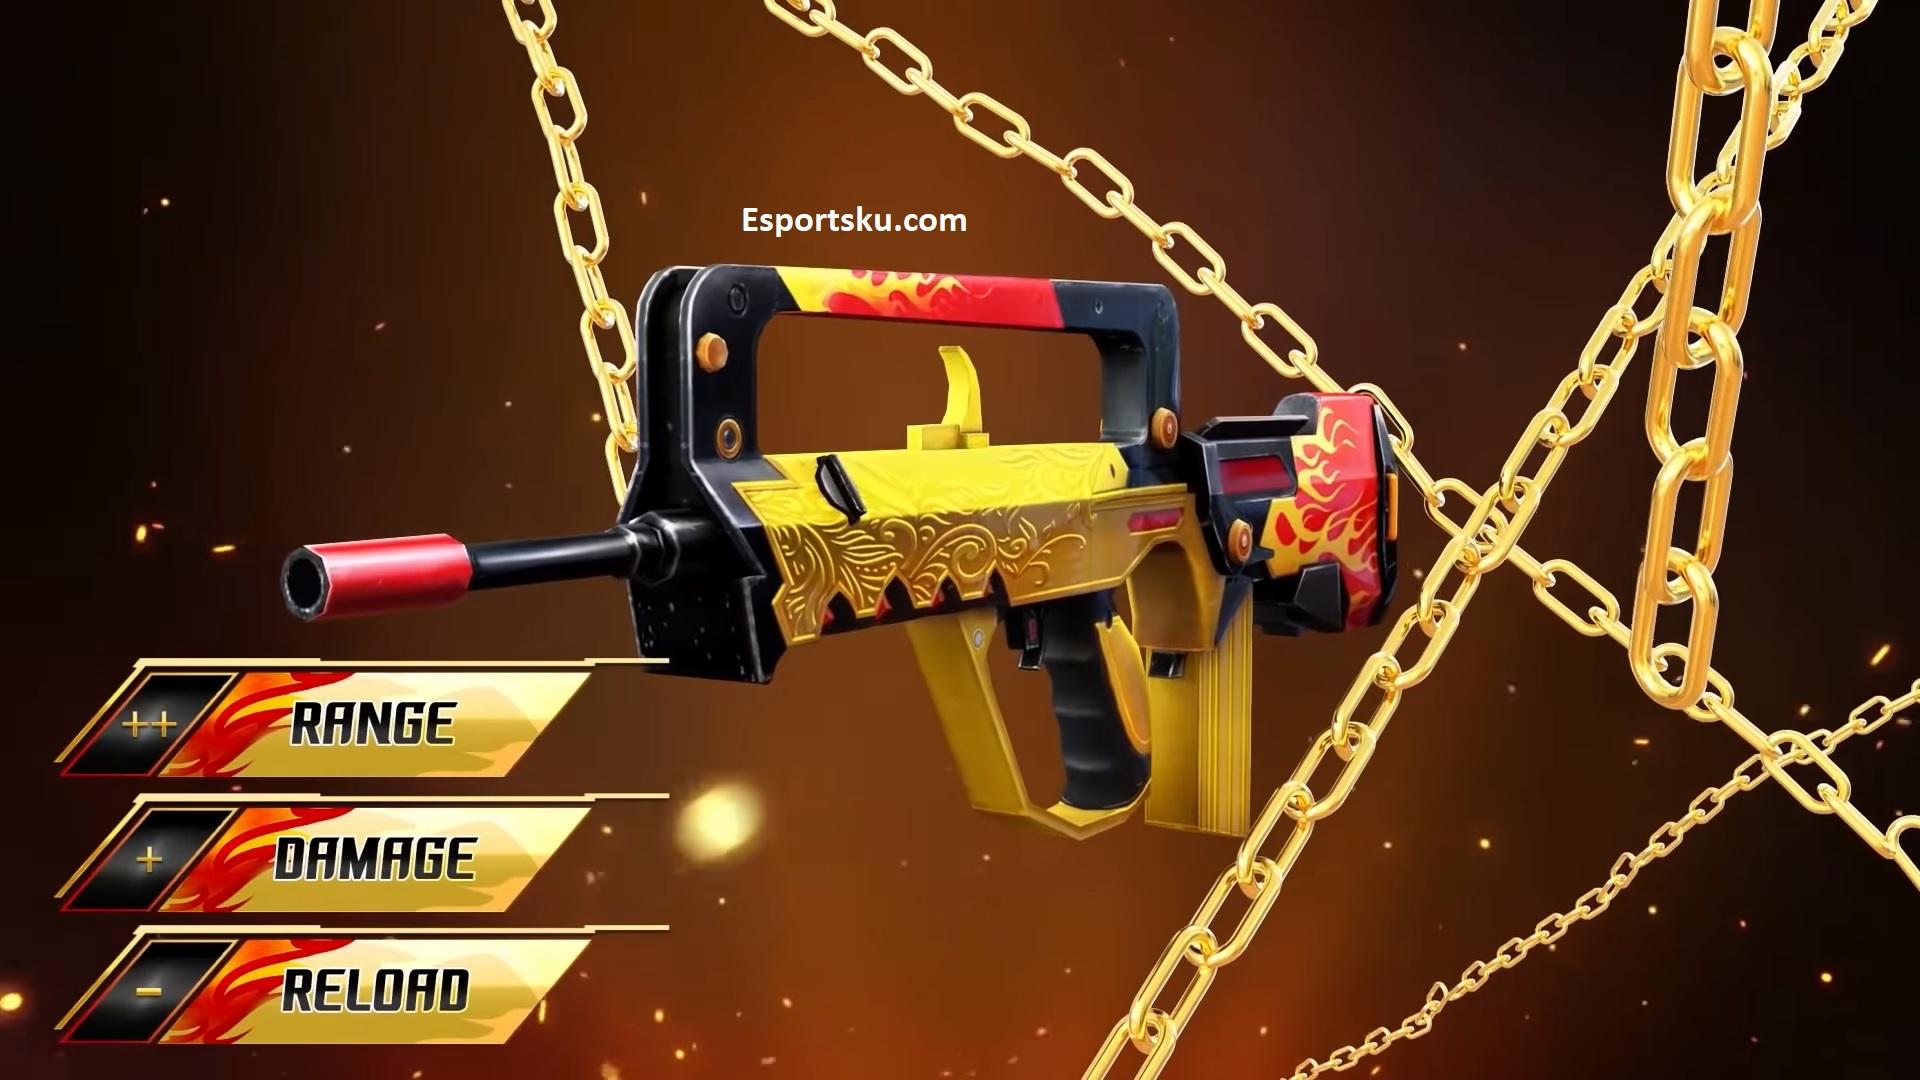 Senjata Ff Mematikan Untuk Headshot Free Fire 2020 Esportsku